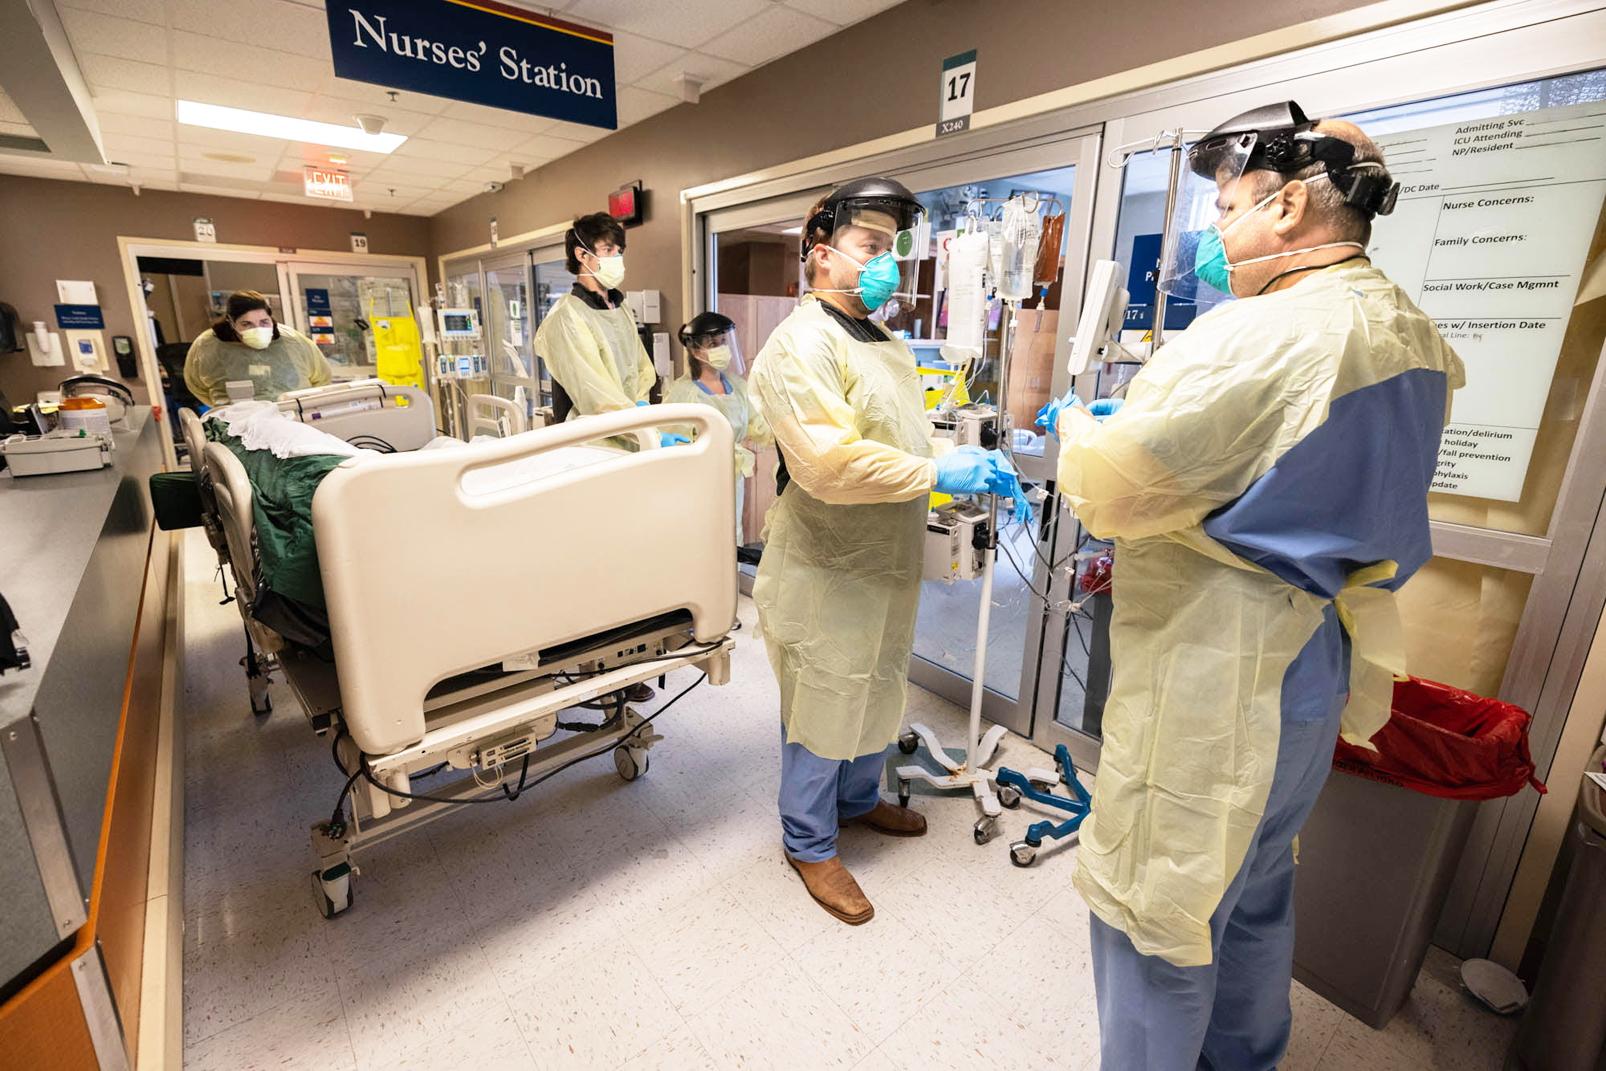 Các nhân viên y tế trên khắp thế giới đang đối mặt với những áp lực rất lớn về sức khỏe, tinh thần, họ cần được chăm sóc, bảo vệ - ẢNH: BỆNH VIỆN ĐẠI HỌC MISSISSIPPI